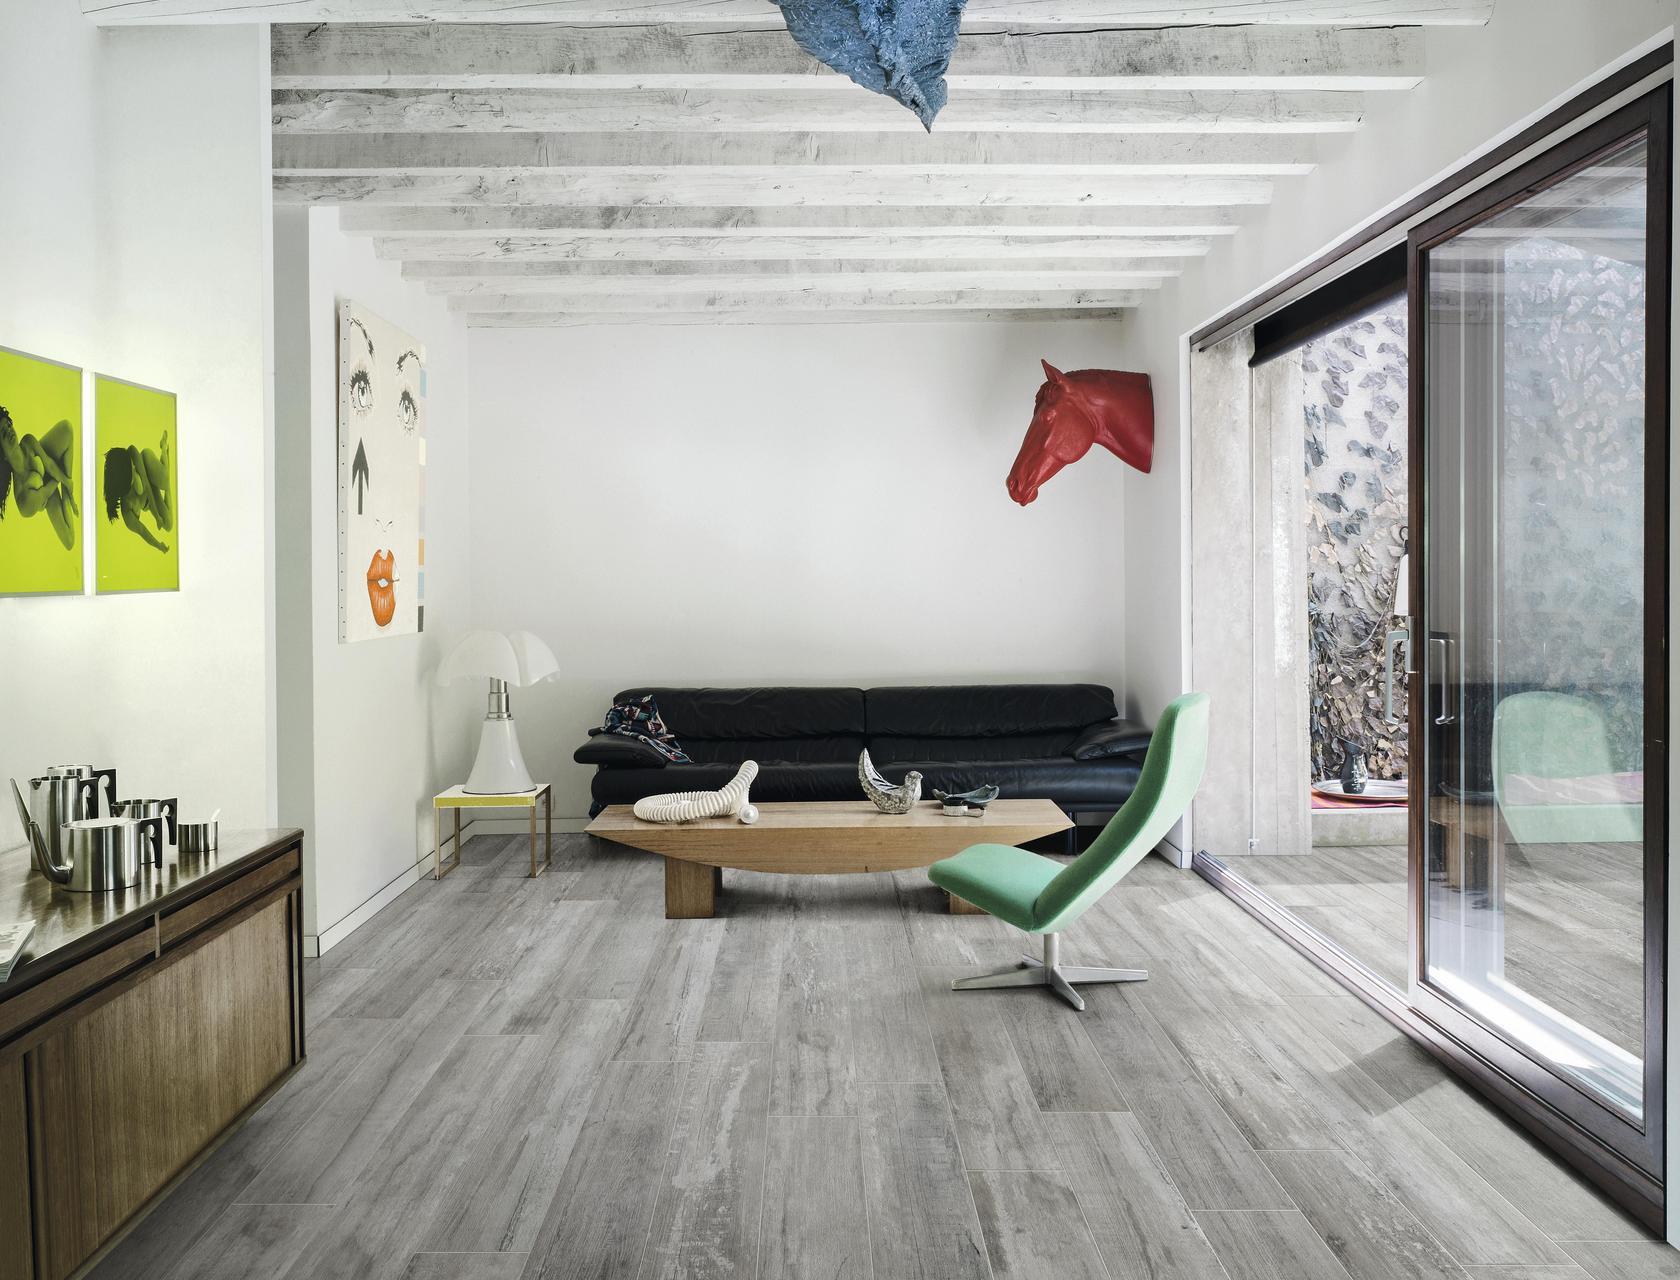 Woodraw ash piastrelle in grandi formati effetto legno for Gres porcellanato effetto legno grigio